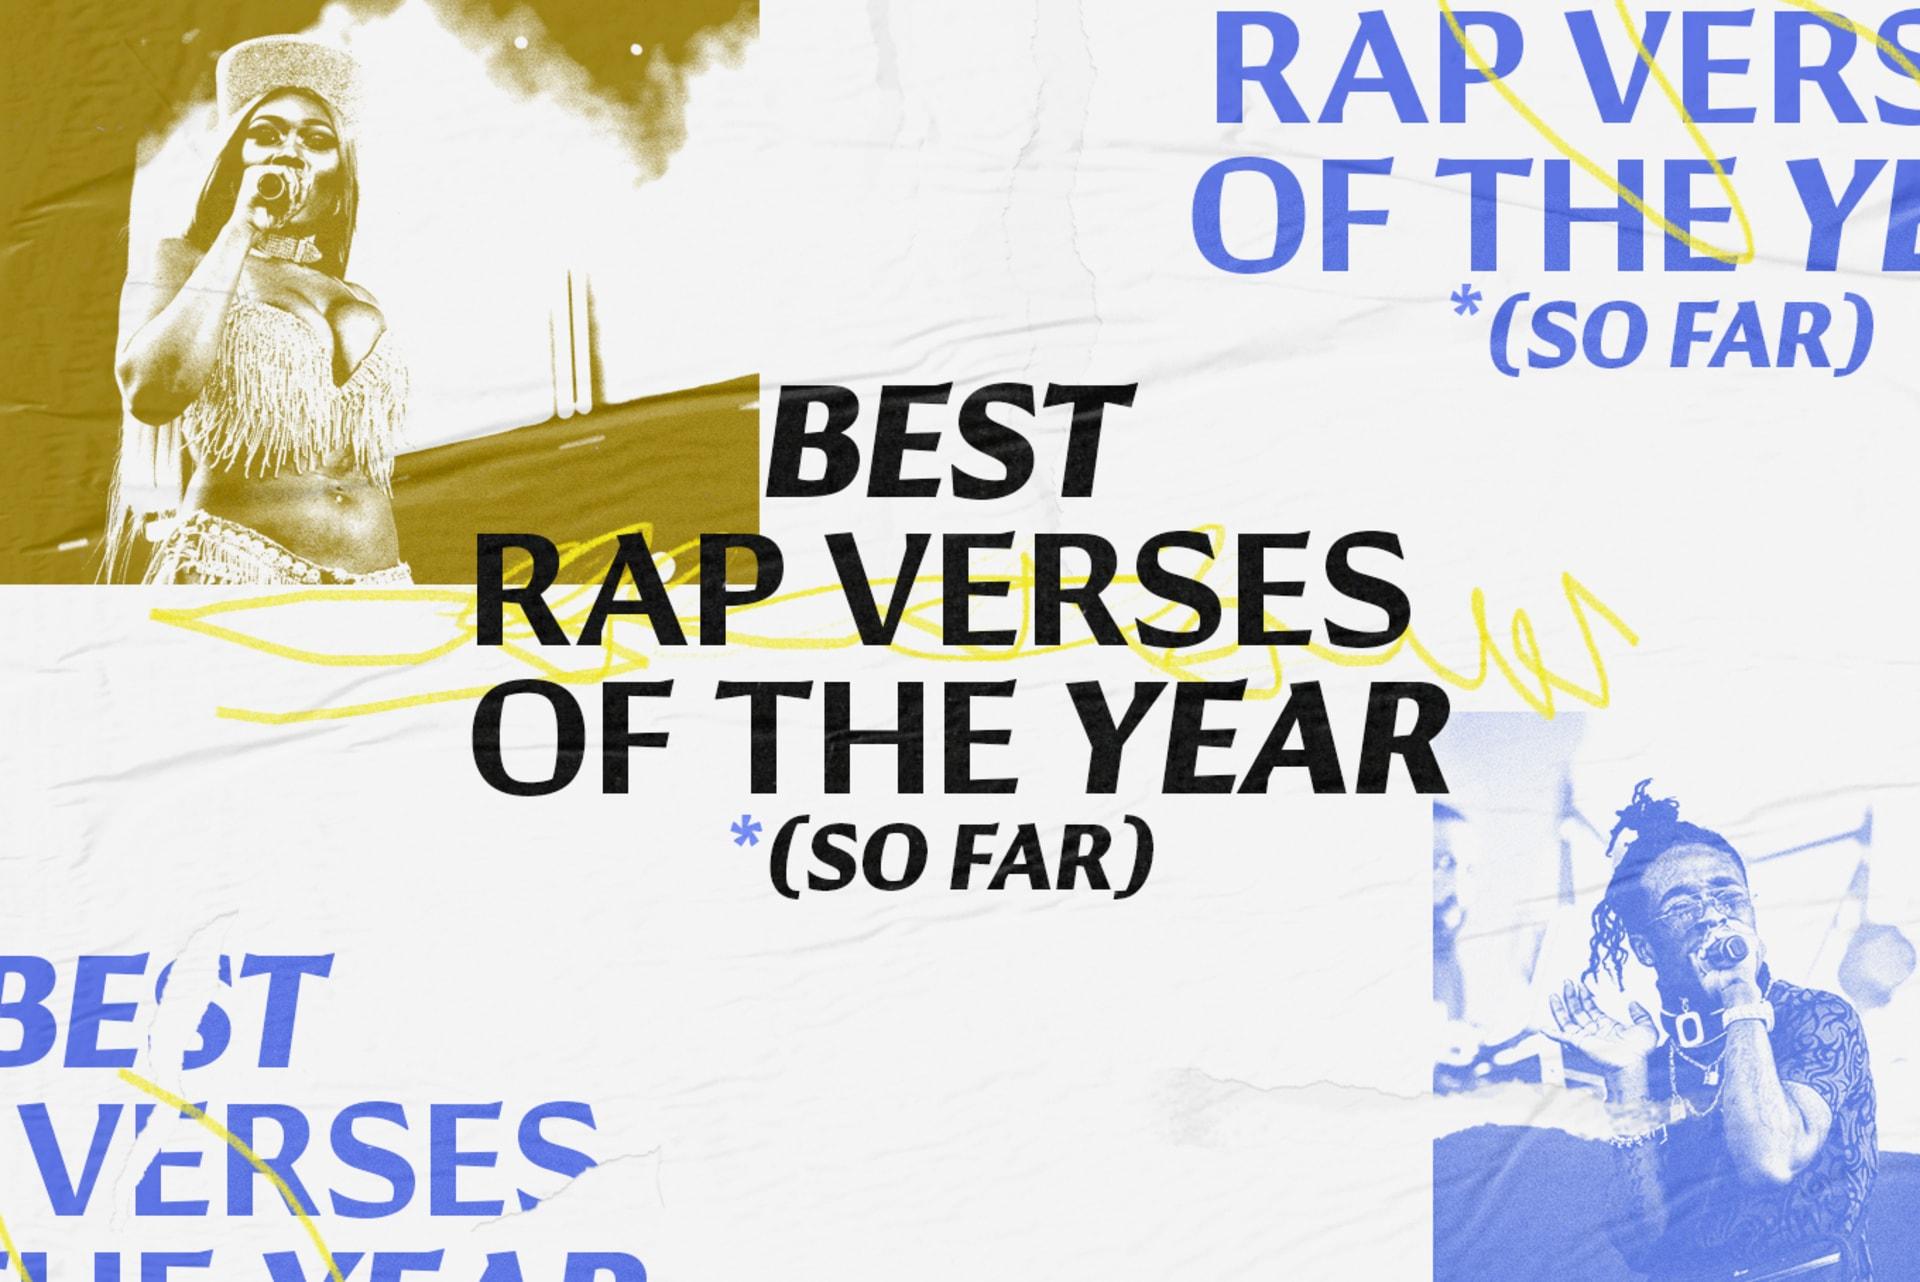 Best Rap Verses of 2019 (So Far)